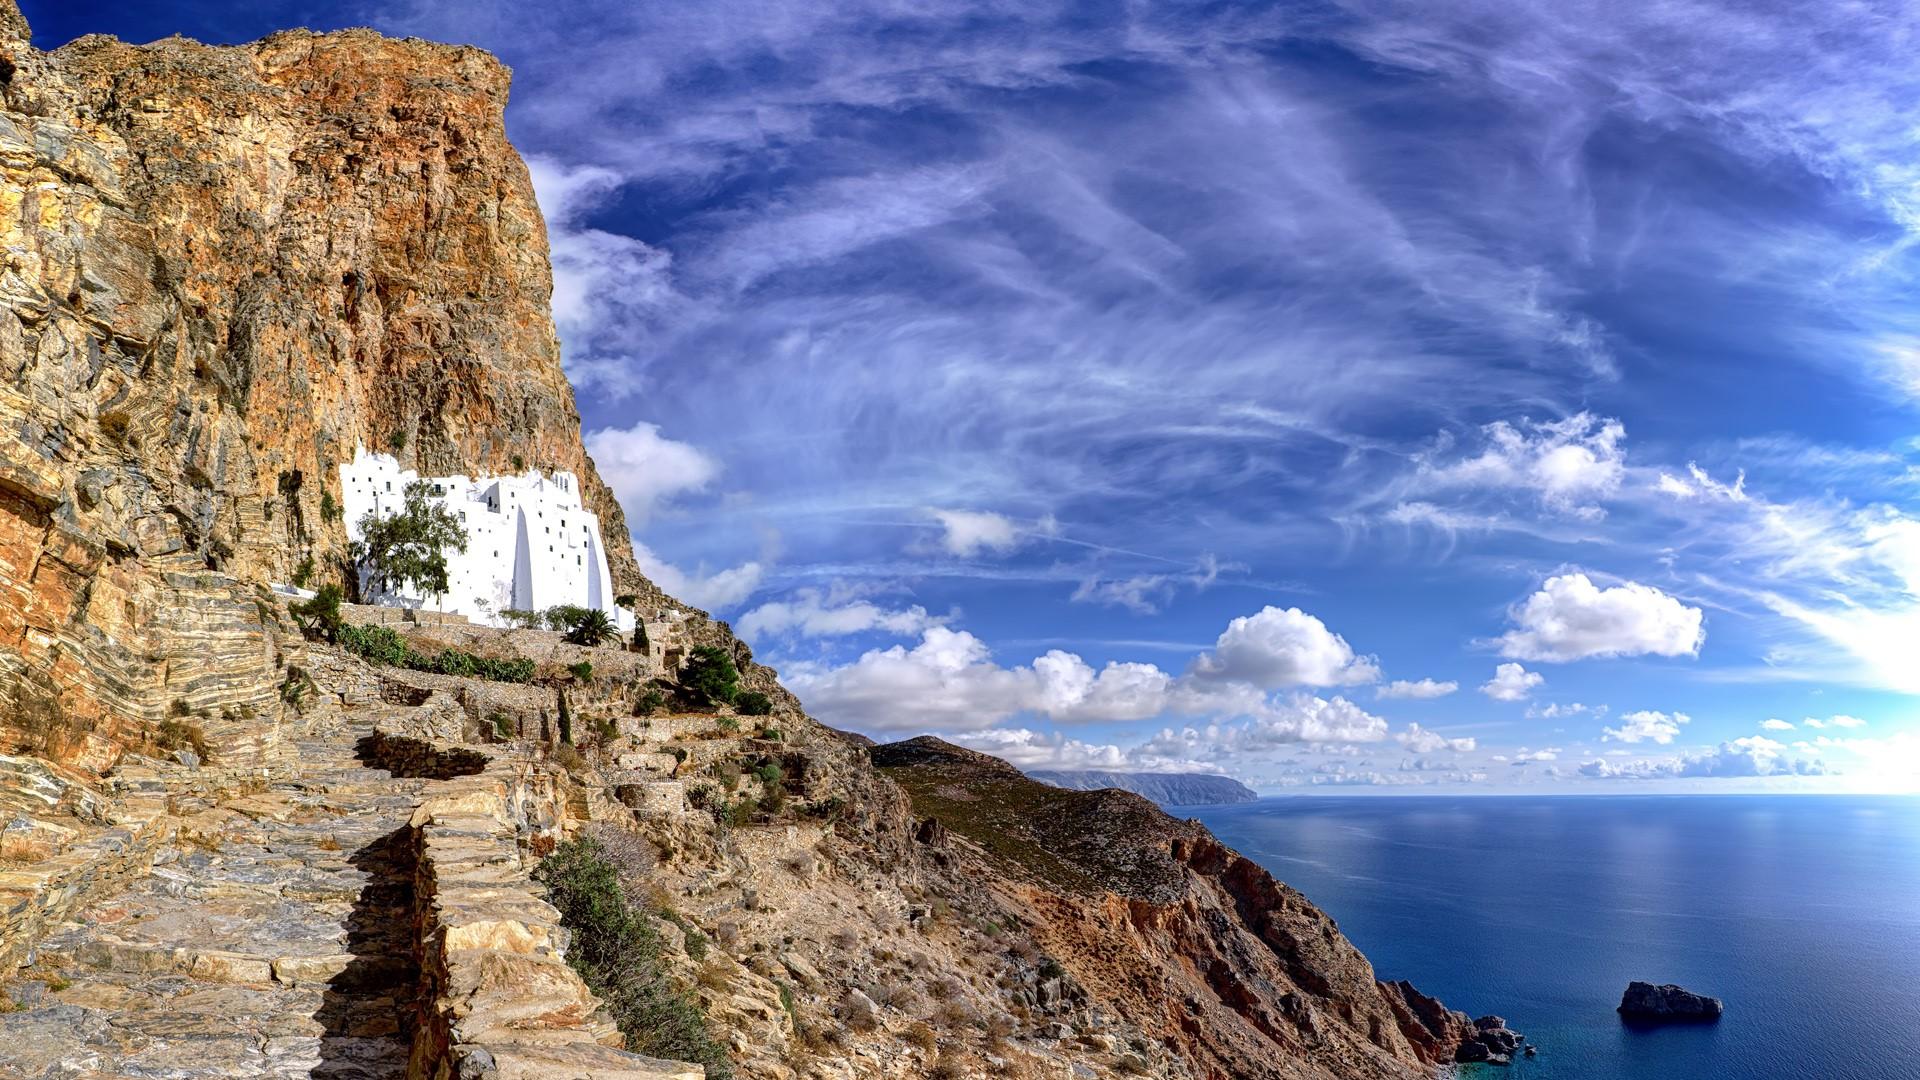 Amorgos island, Greece 1920x1080.jpg